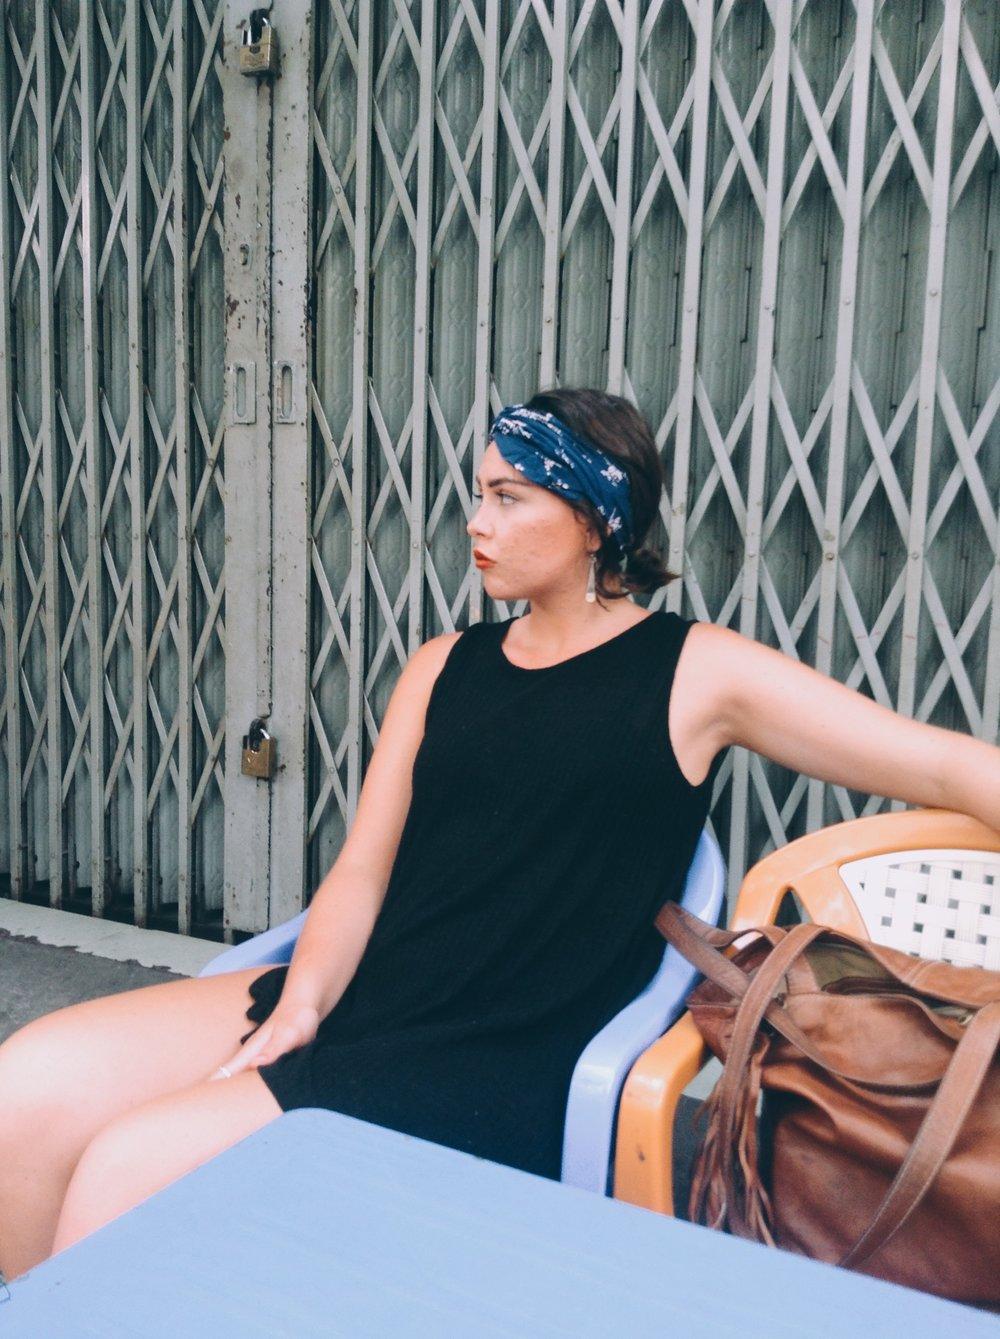 Madison waiting on some Saigon street food